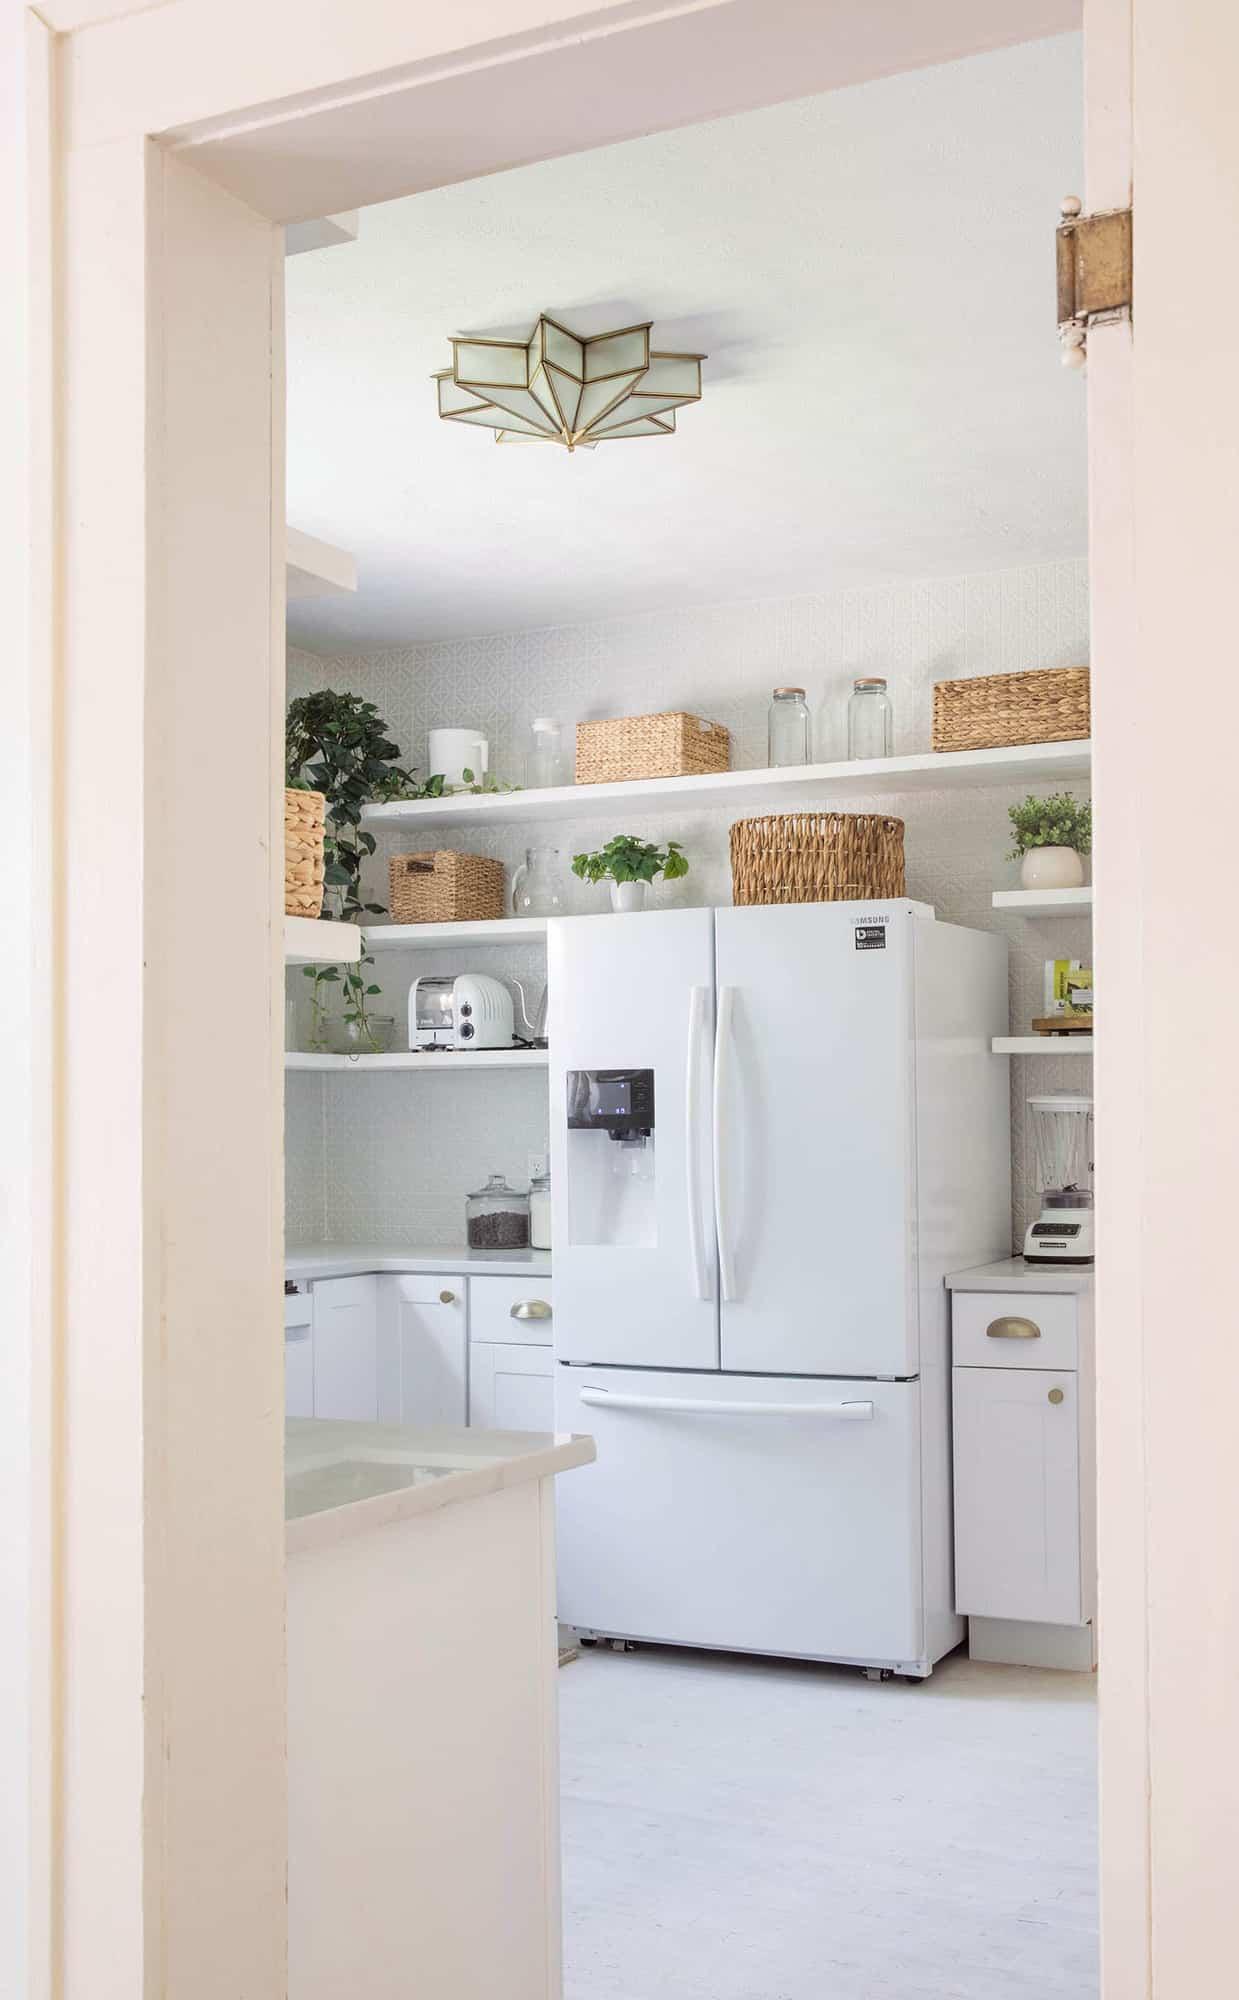 Home Design Ideas: Adopt Me Kitchen Ideas Tiny House